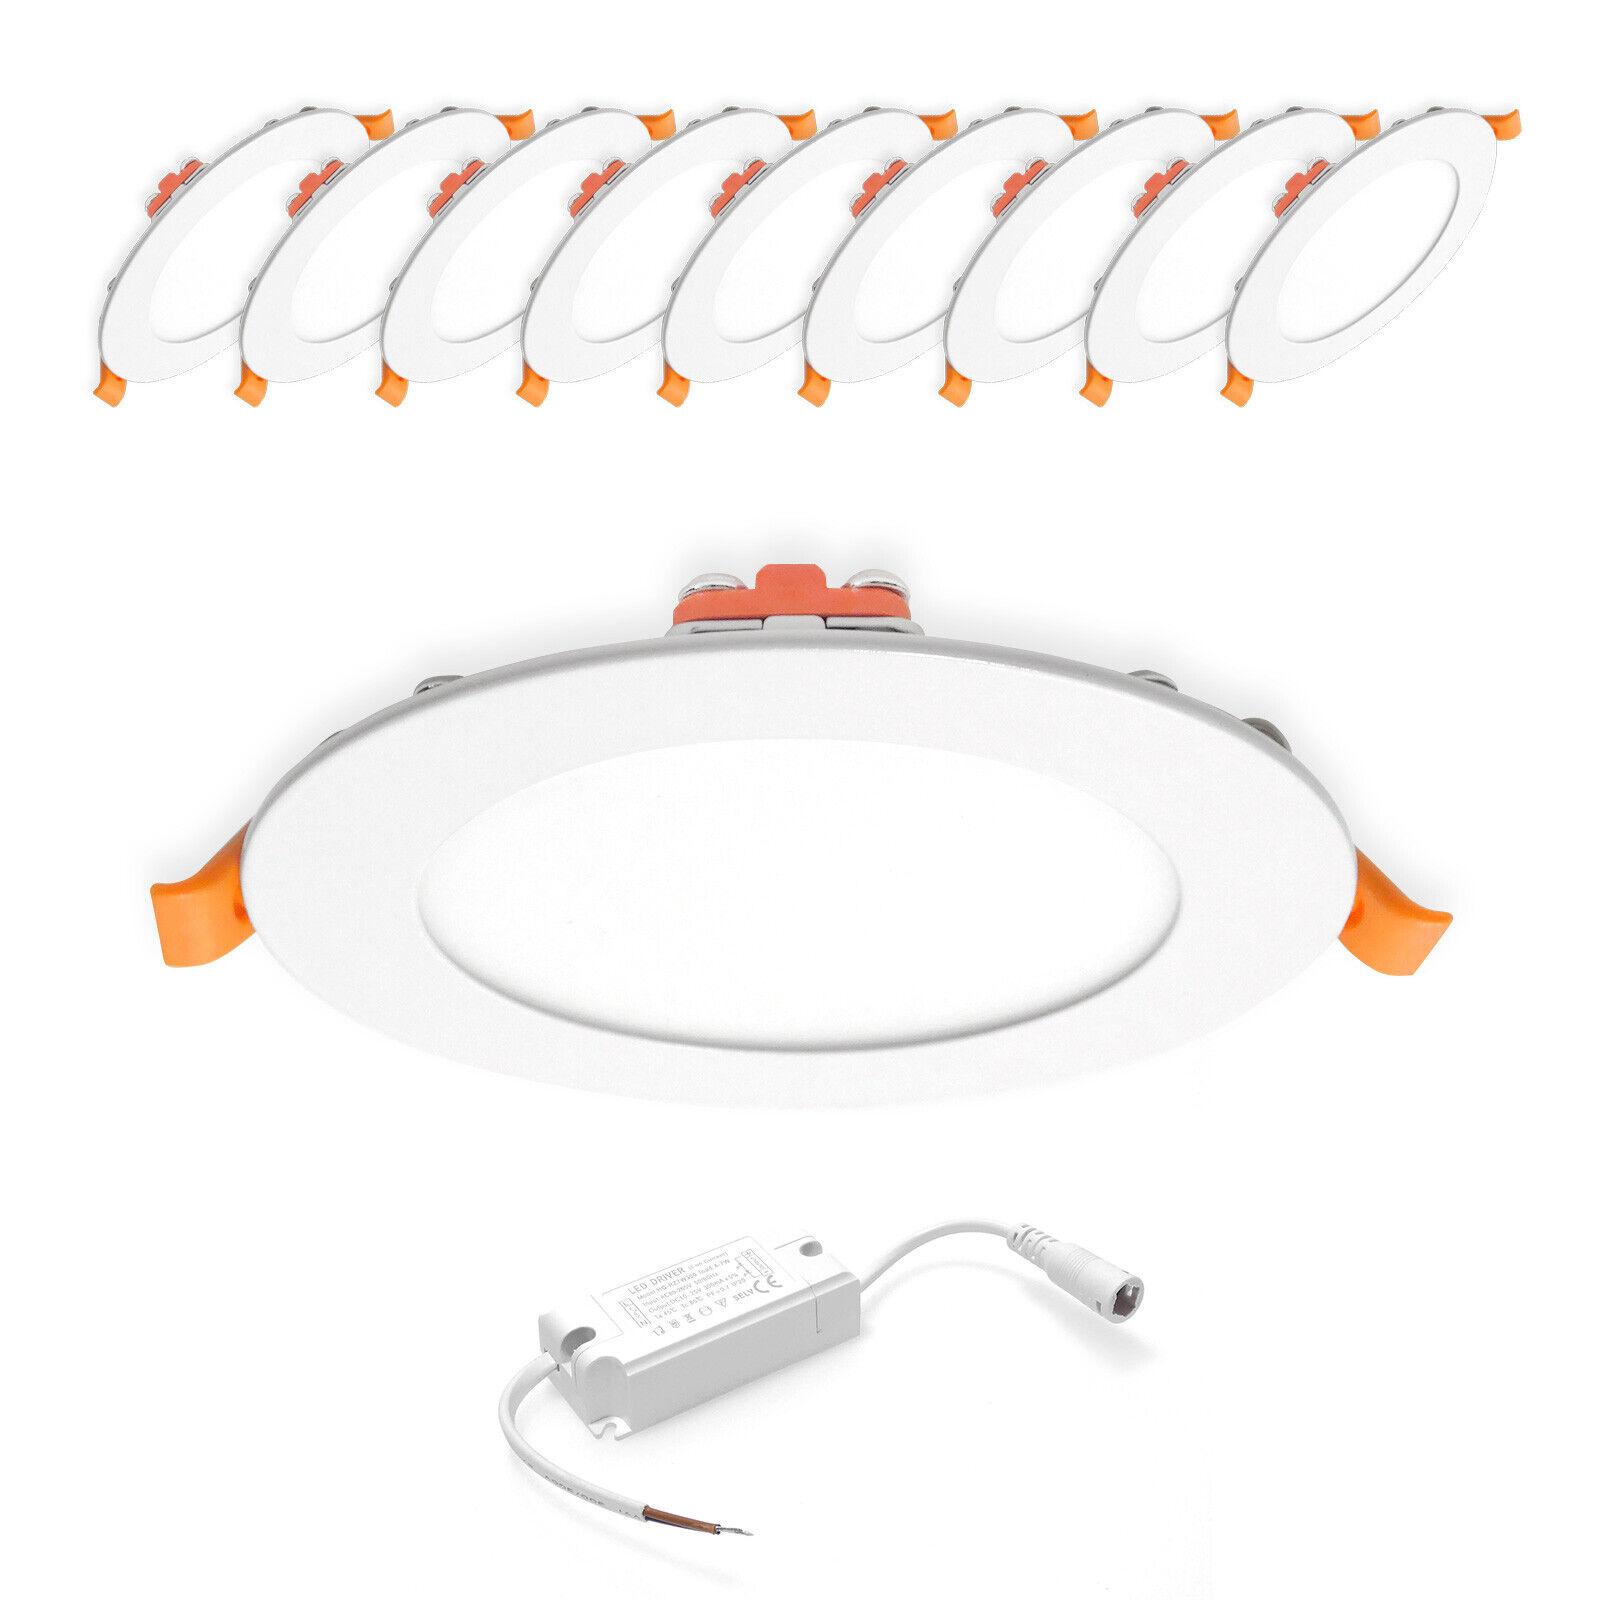 10x 6W LED Panel Rund Einbaustrahler Einbauspot Warmweiß Ø120mm AC230V weiß